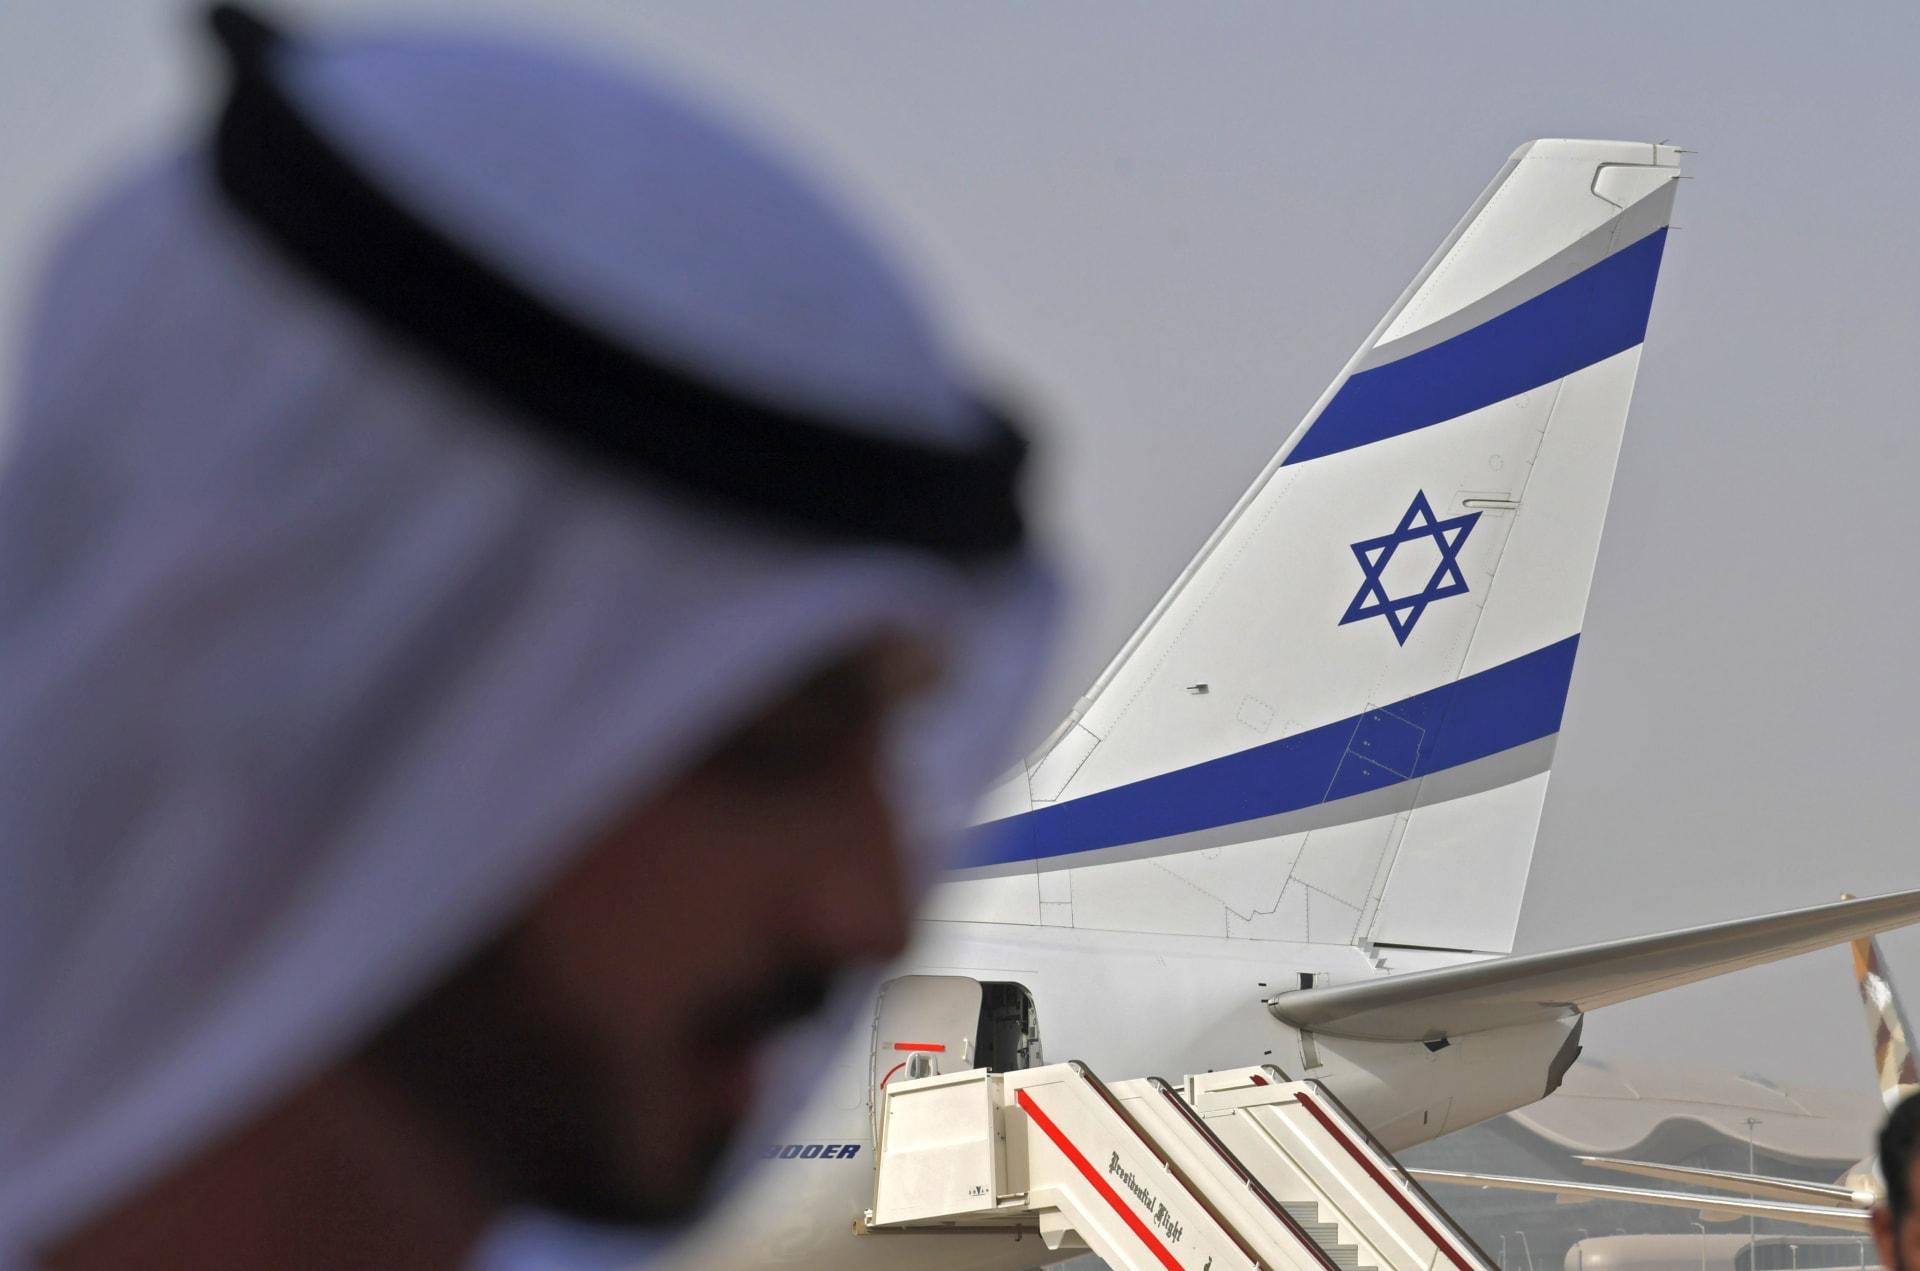 اتفاق بين إسرائيل والأردن لاستخدام مجالهما الجوي.. وتقصير زمن الرحلات من قطر والإمارات